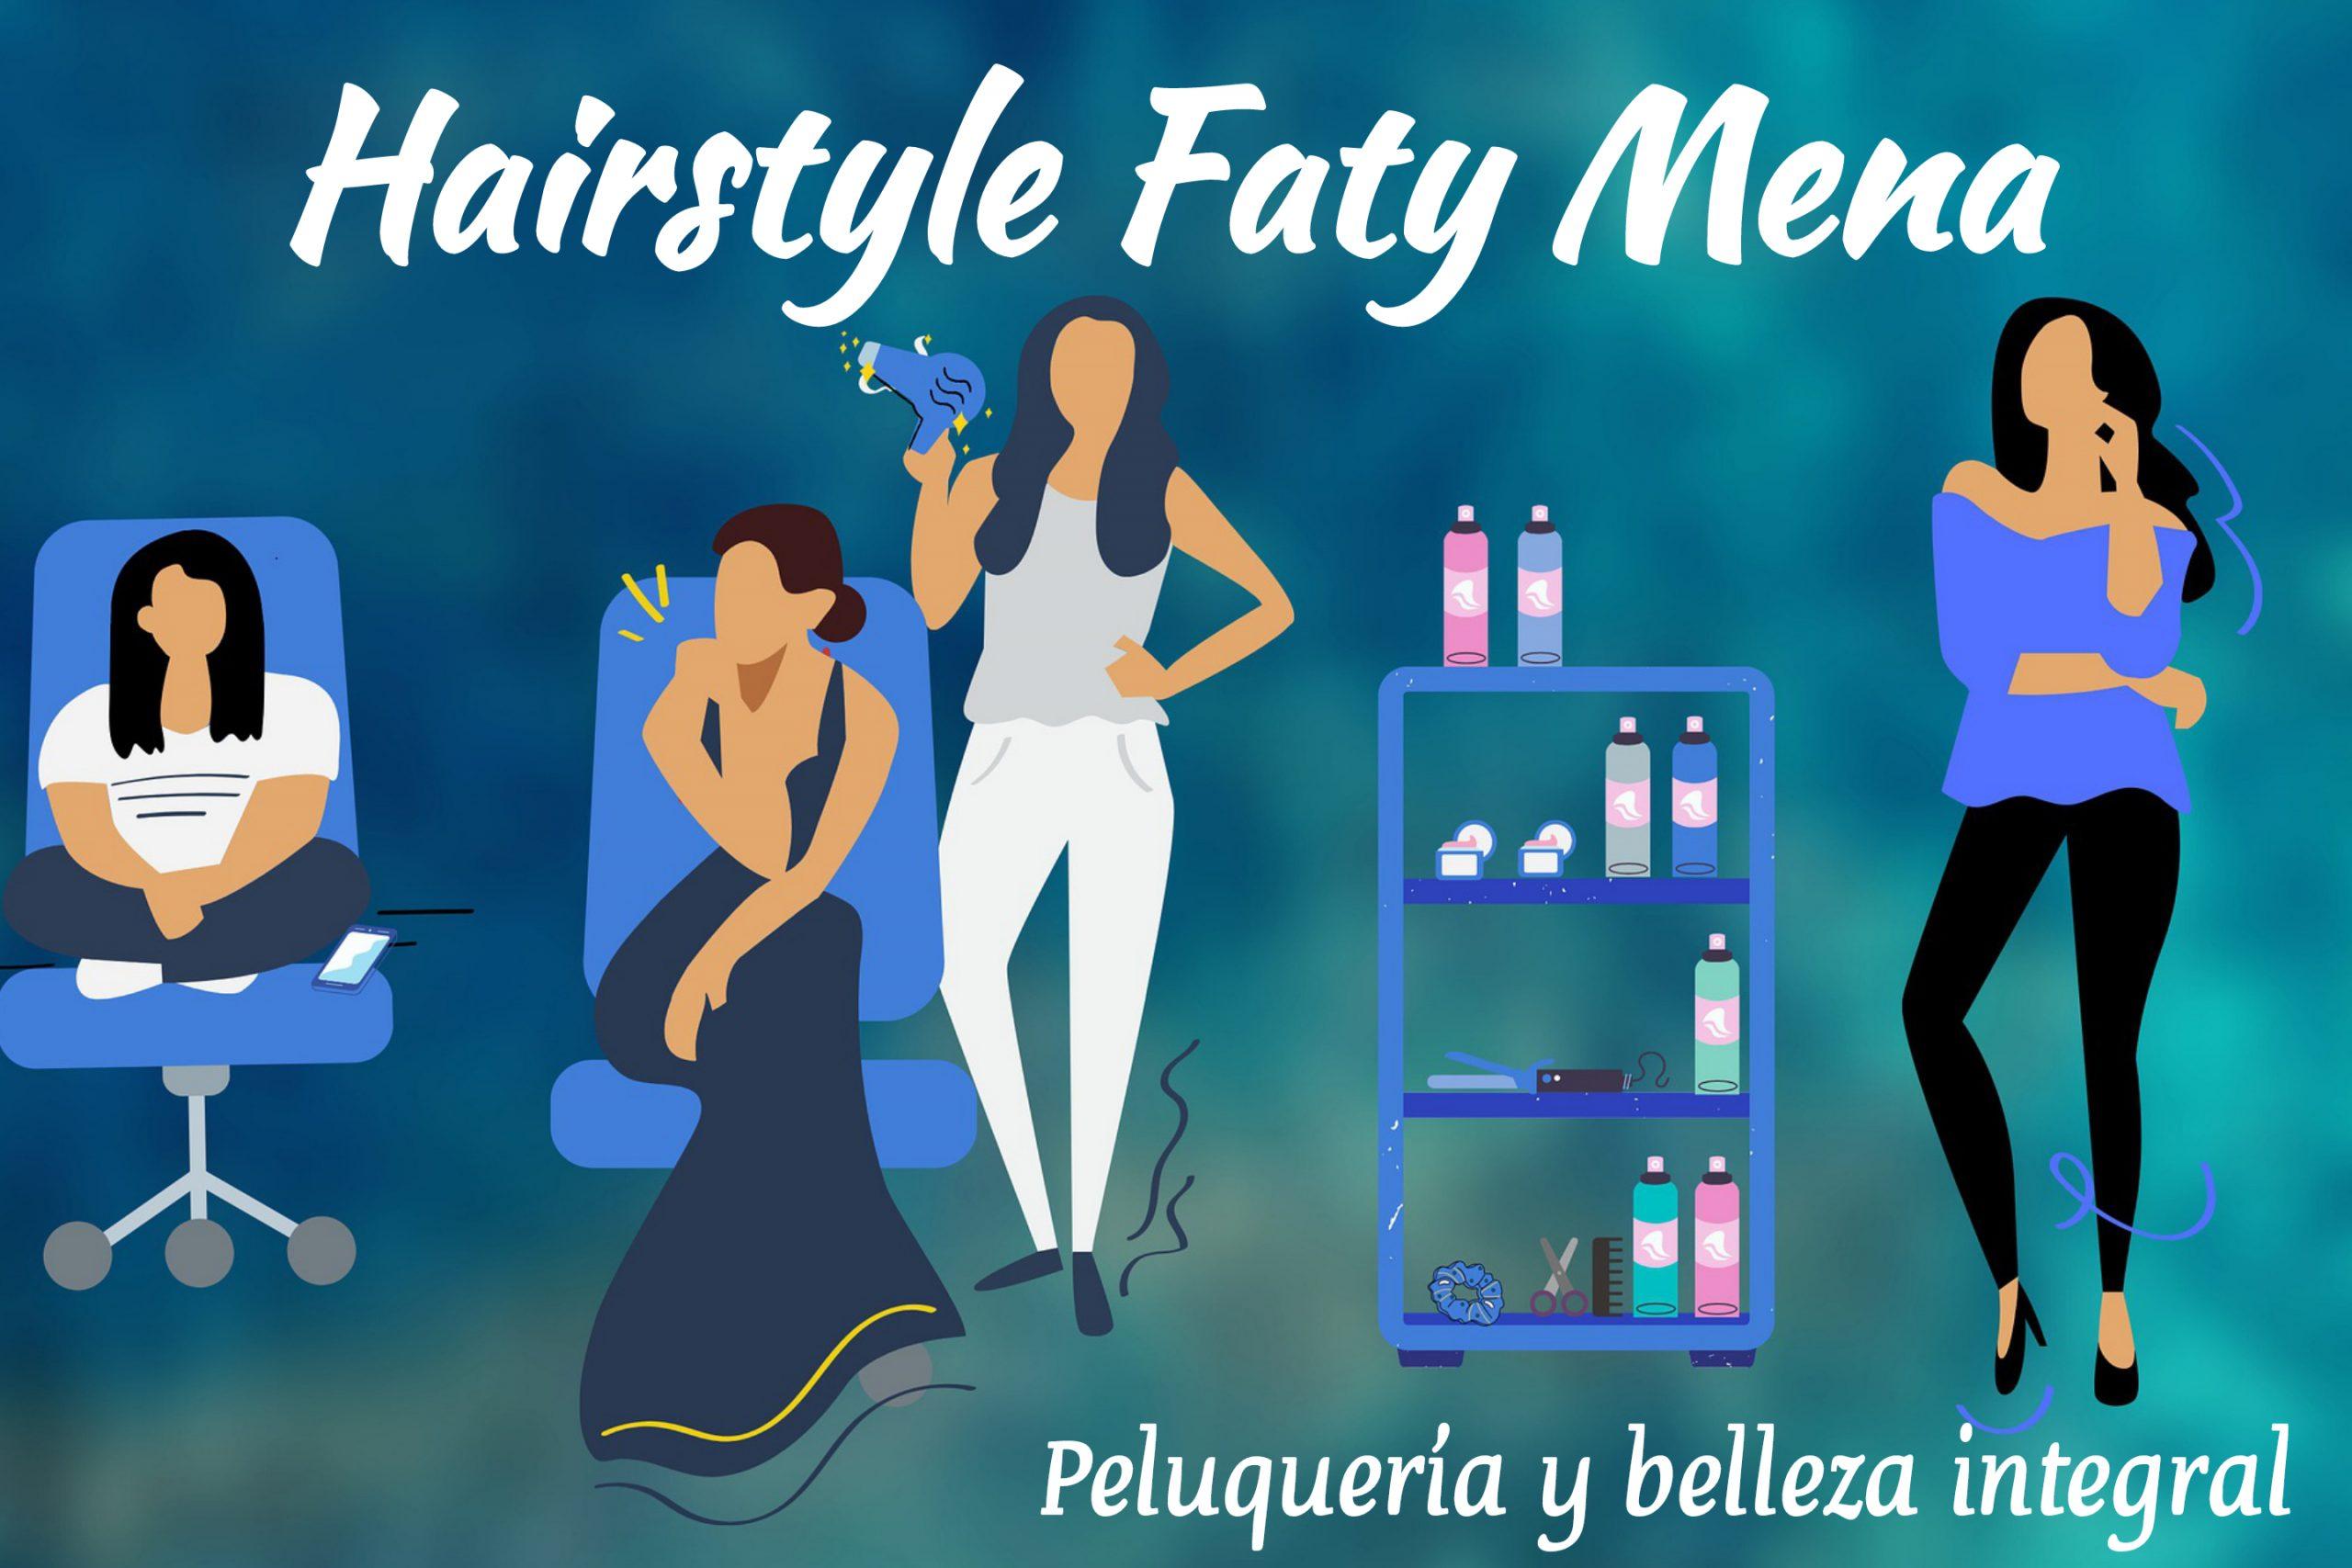 Hairstyle Faty Mena • Peluquería y belleza integral Uruguay 1452, General Cabrera